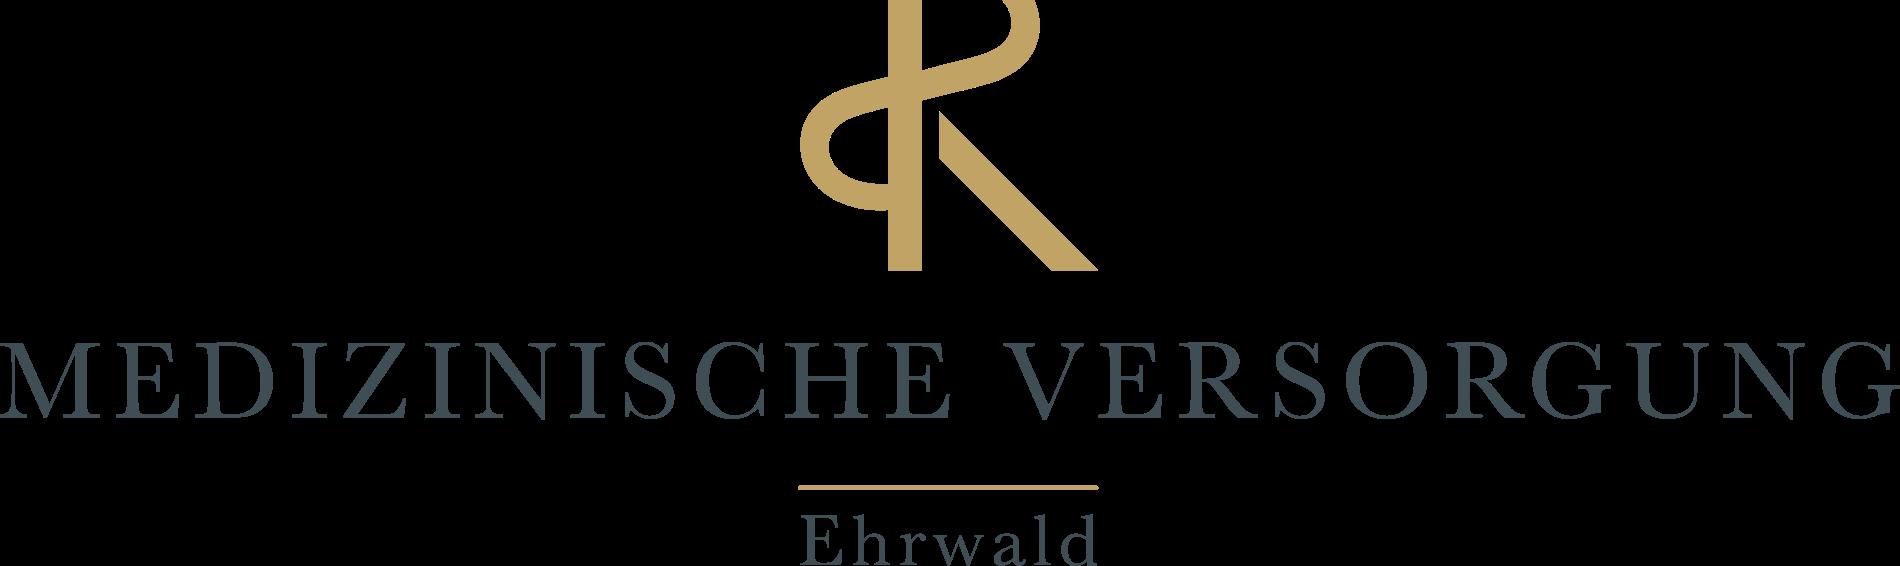 Medizinische Versorgung Ehrwald - Dr. Kewitz